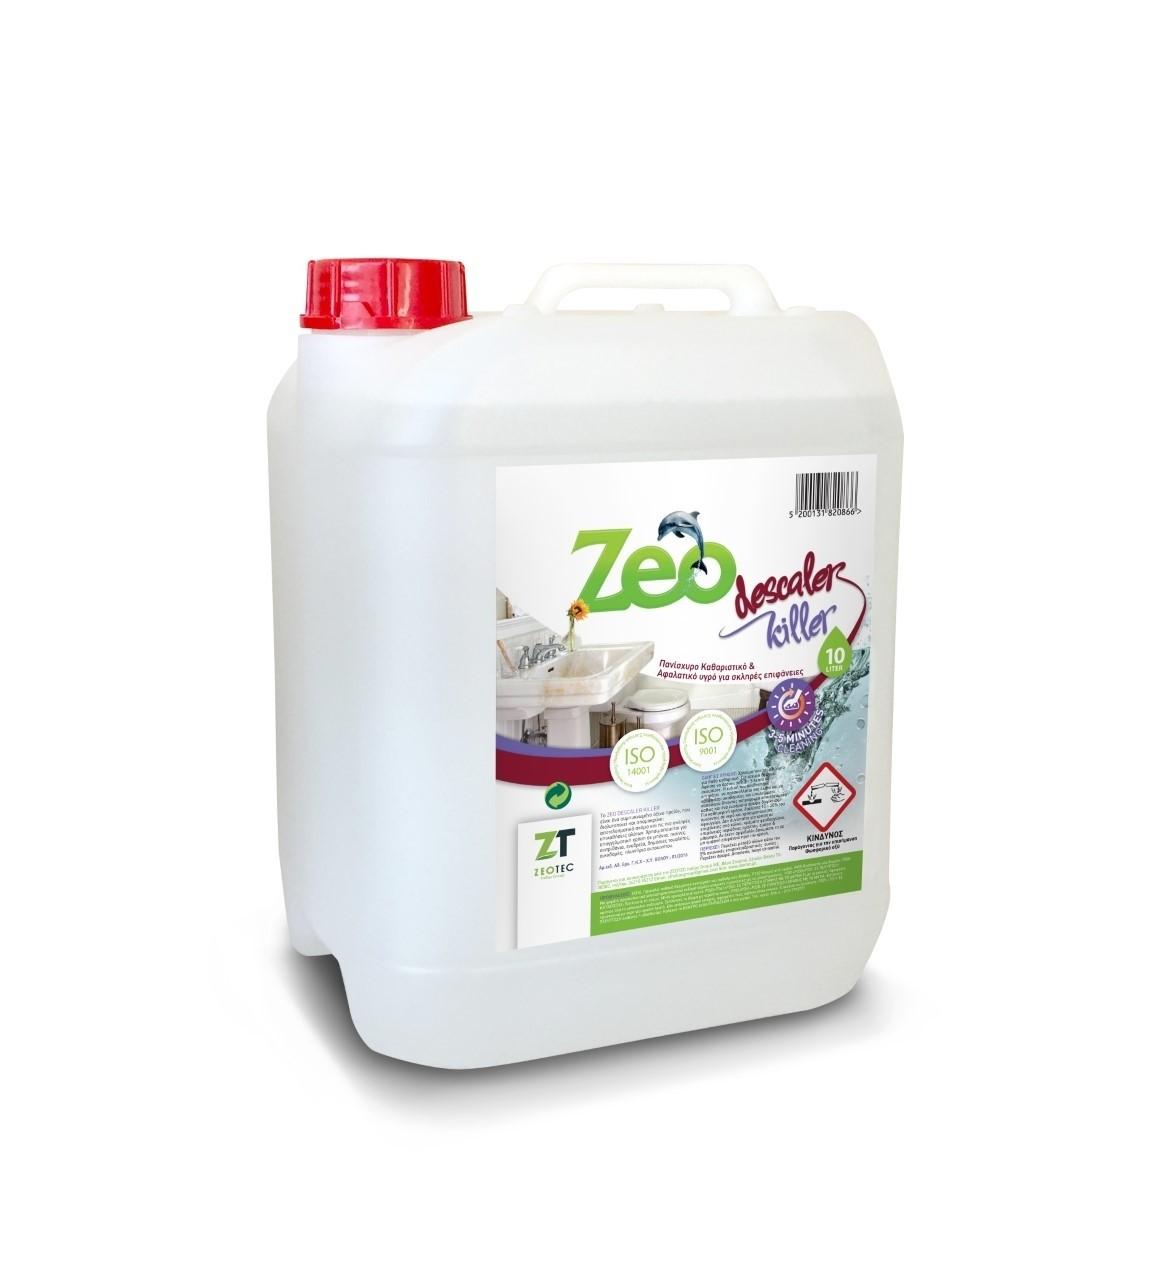 Zeo Descaler - Εξαιρετικά ισχυρό καθαριστικό κατά των αλάτων 20lt